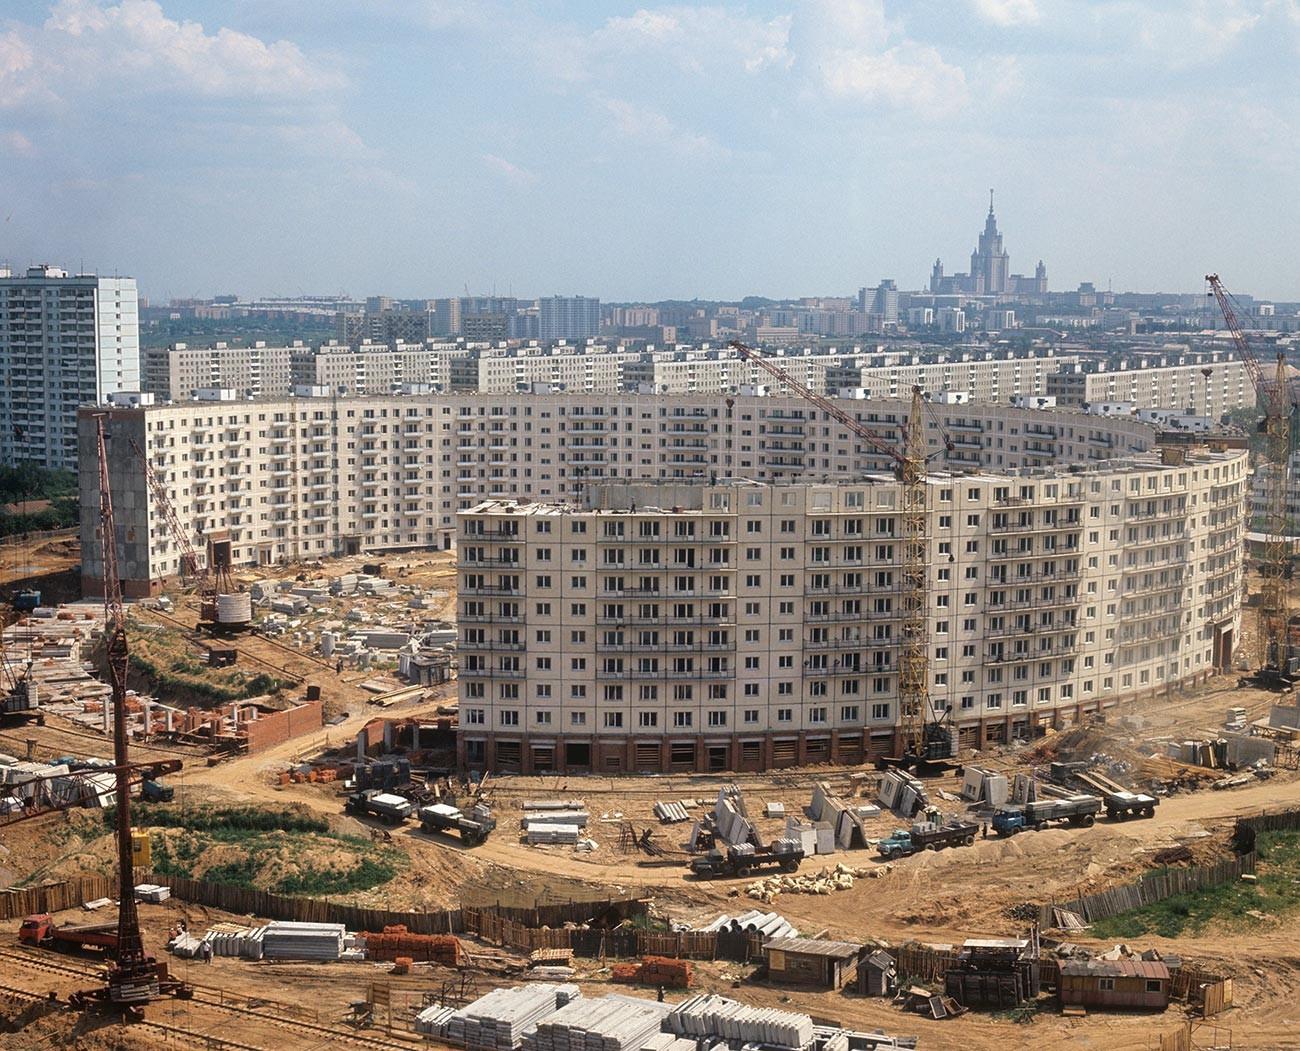 Costruzione del complesso residenziale circolare in via Nezhinskaja a Mosca